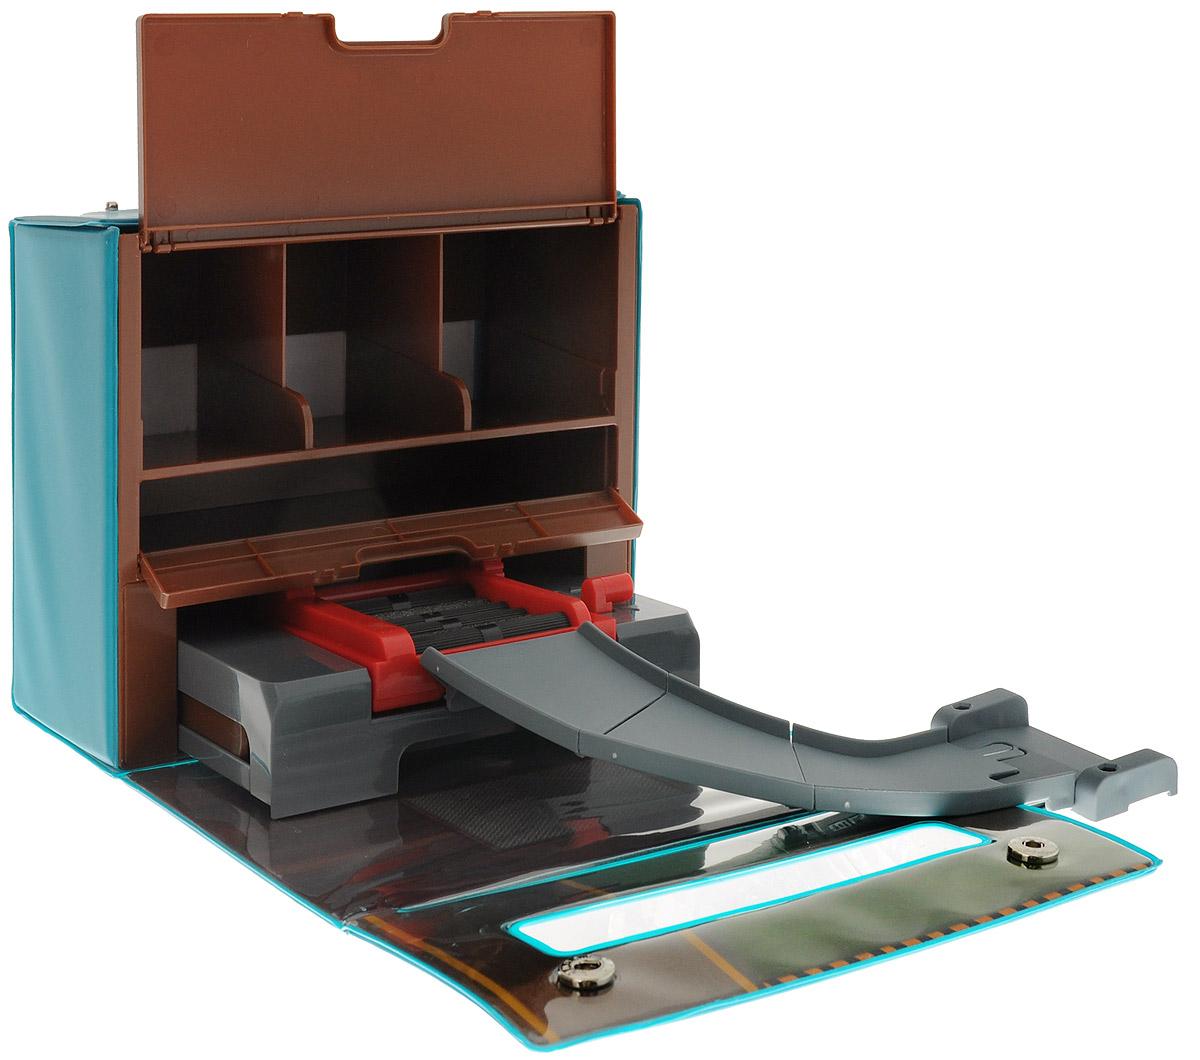 Robocar Poli Игровой набор Мастерская Уиллера